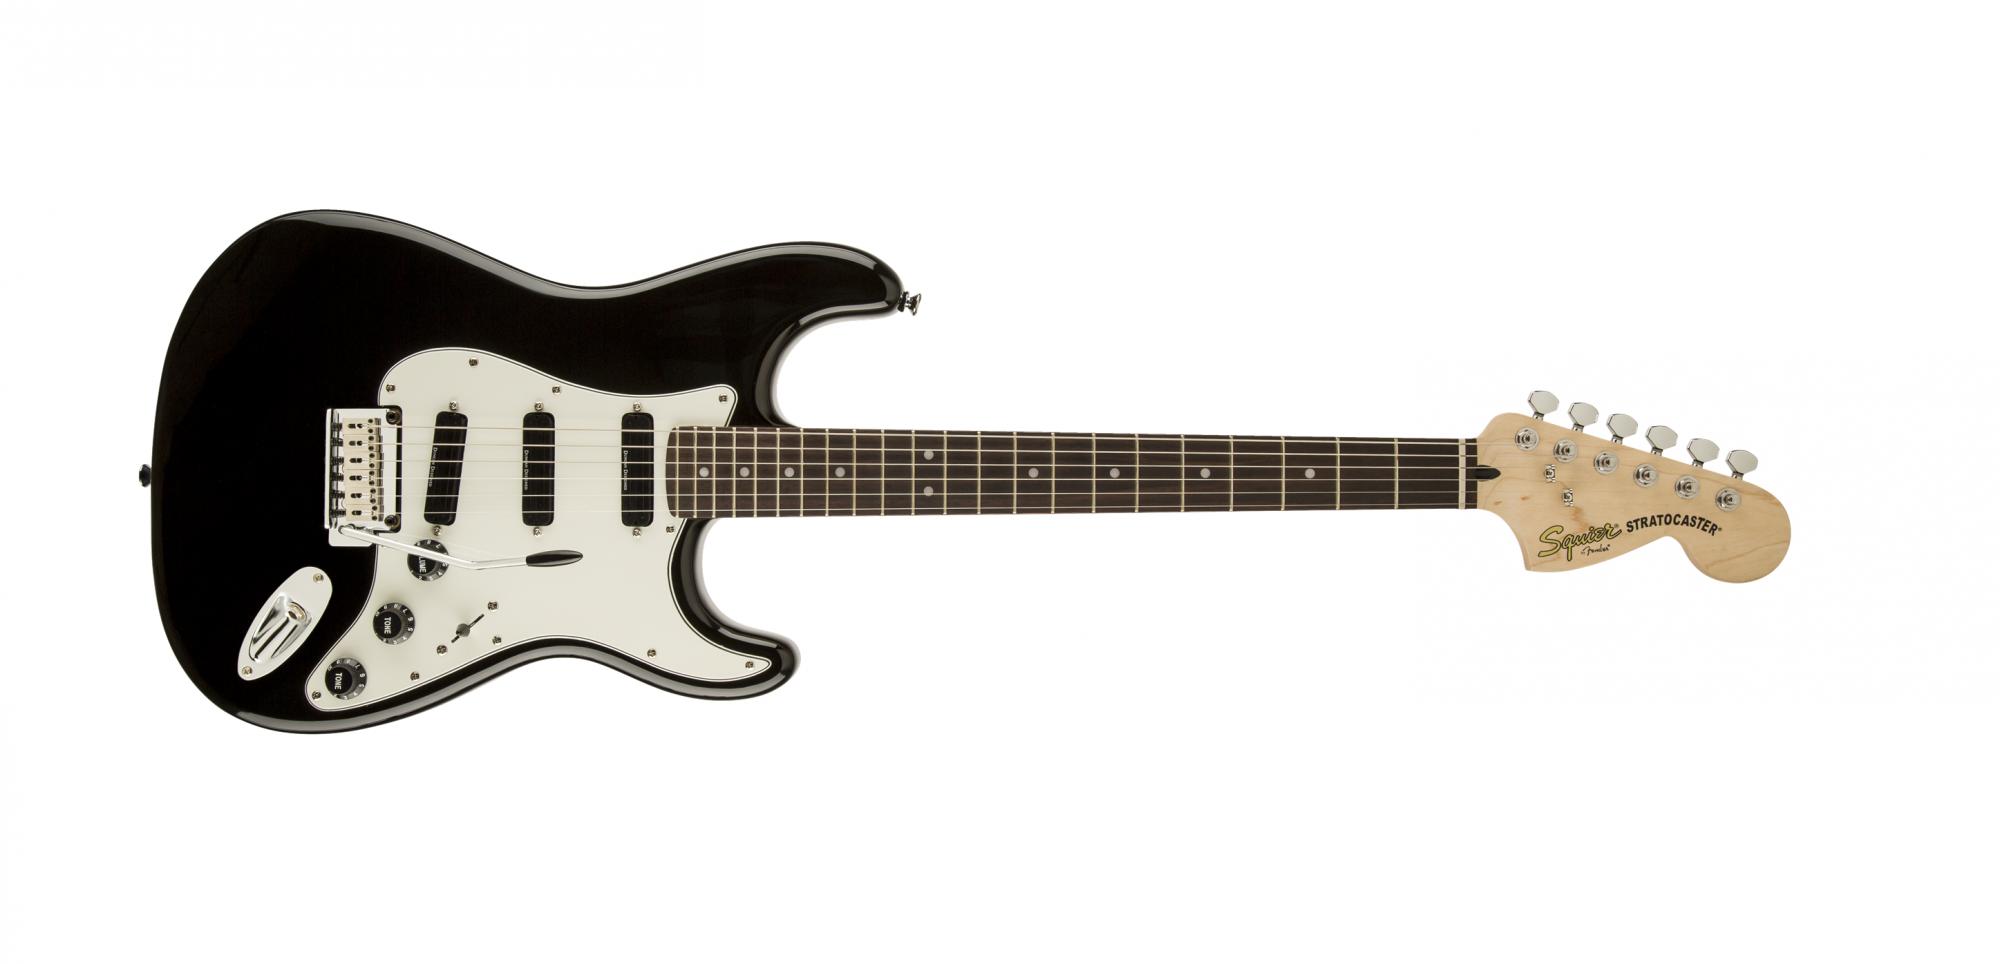 Fender Squier Deluxe Strat Hot Rails Black